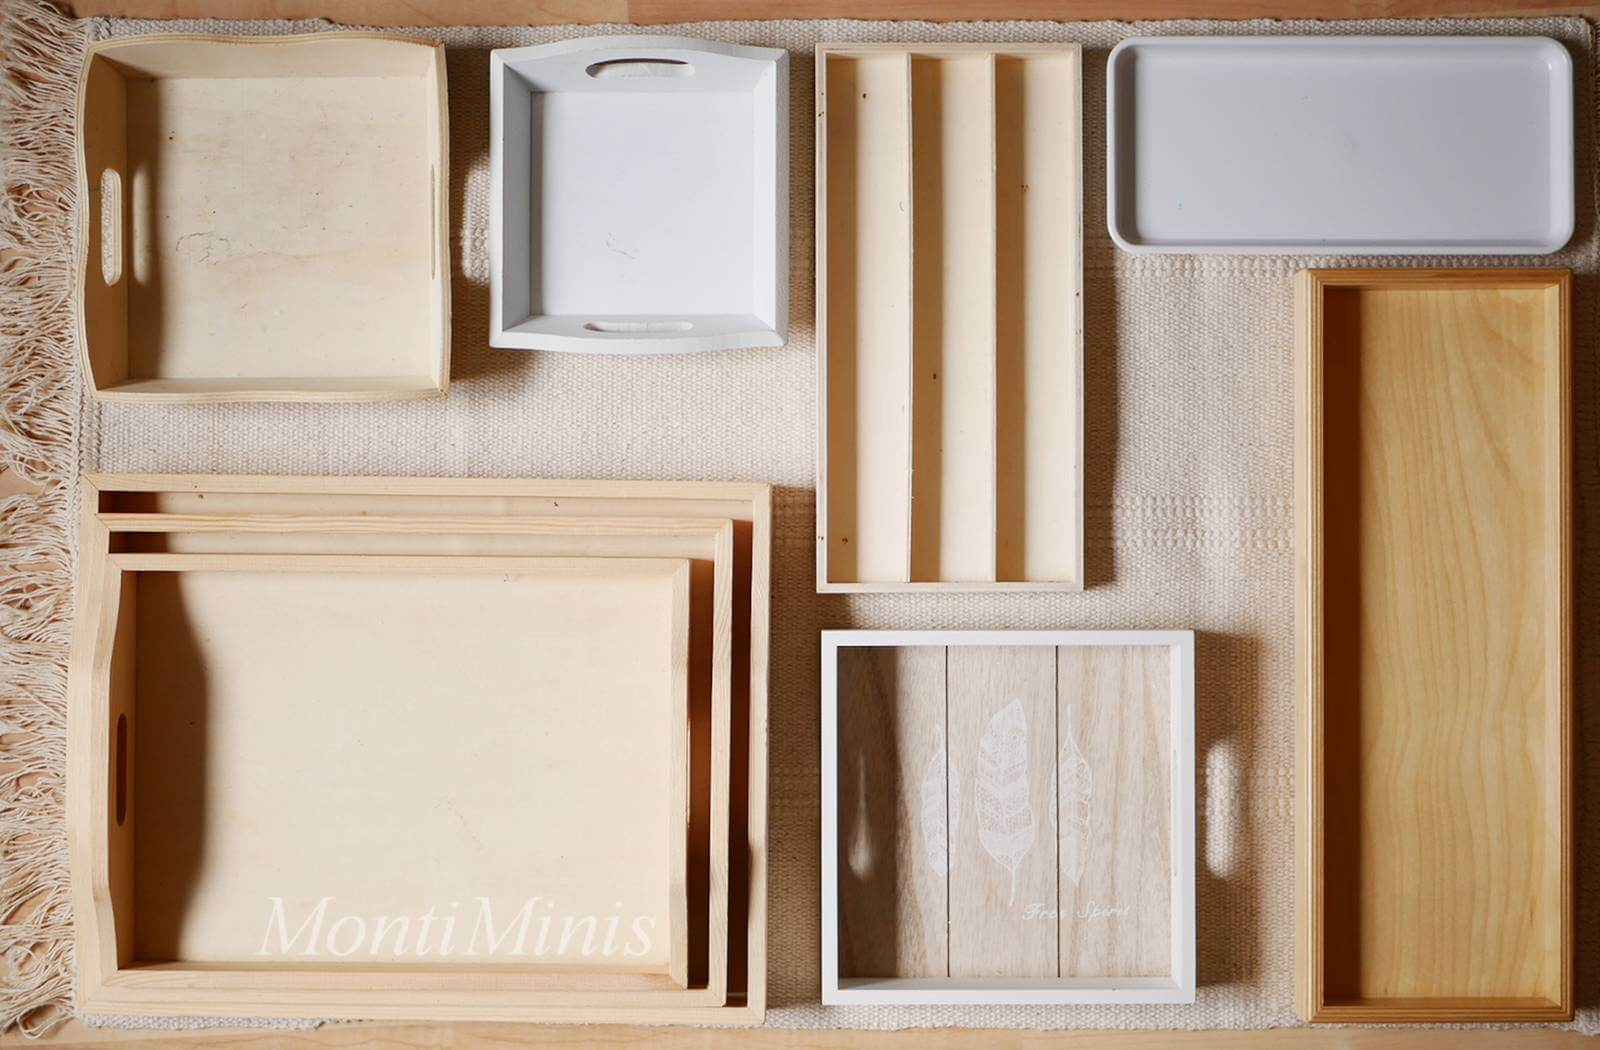 Wo bekomme ich Montessori Tabletts für zu Hause?